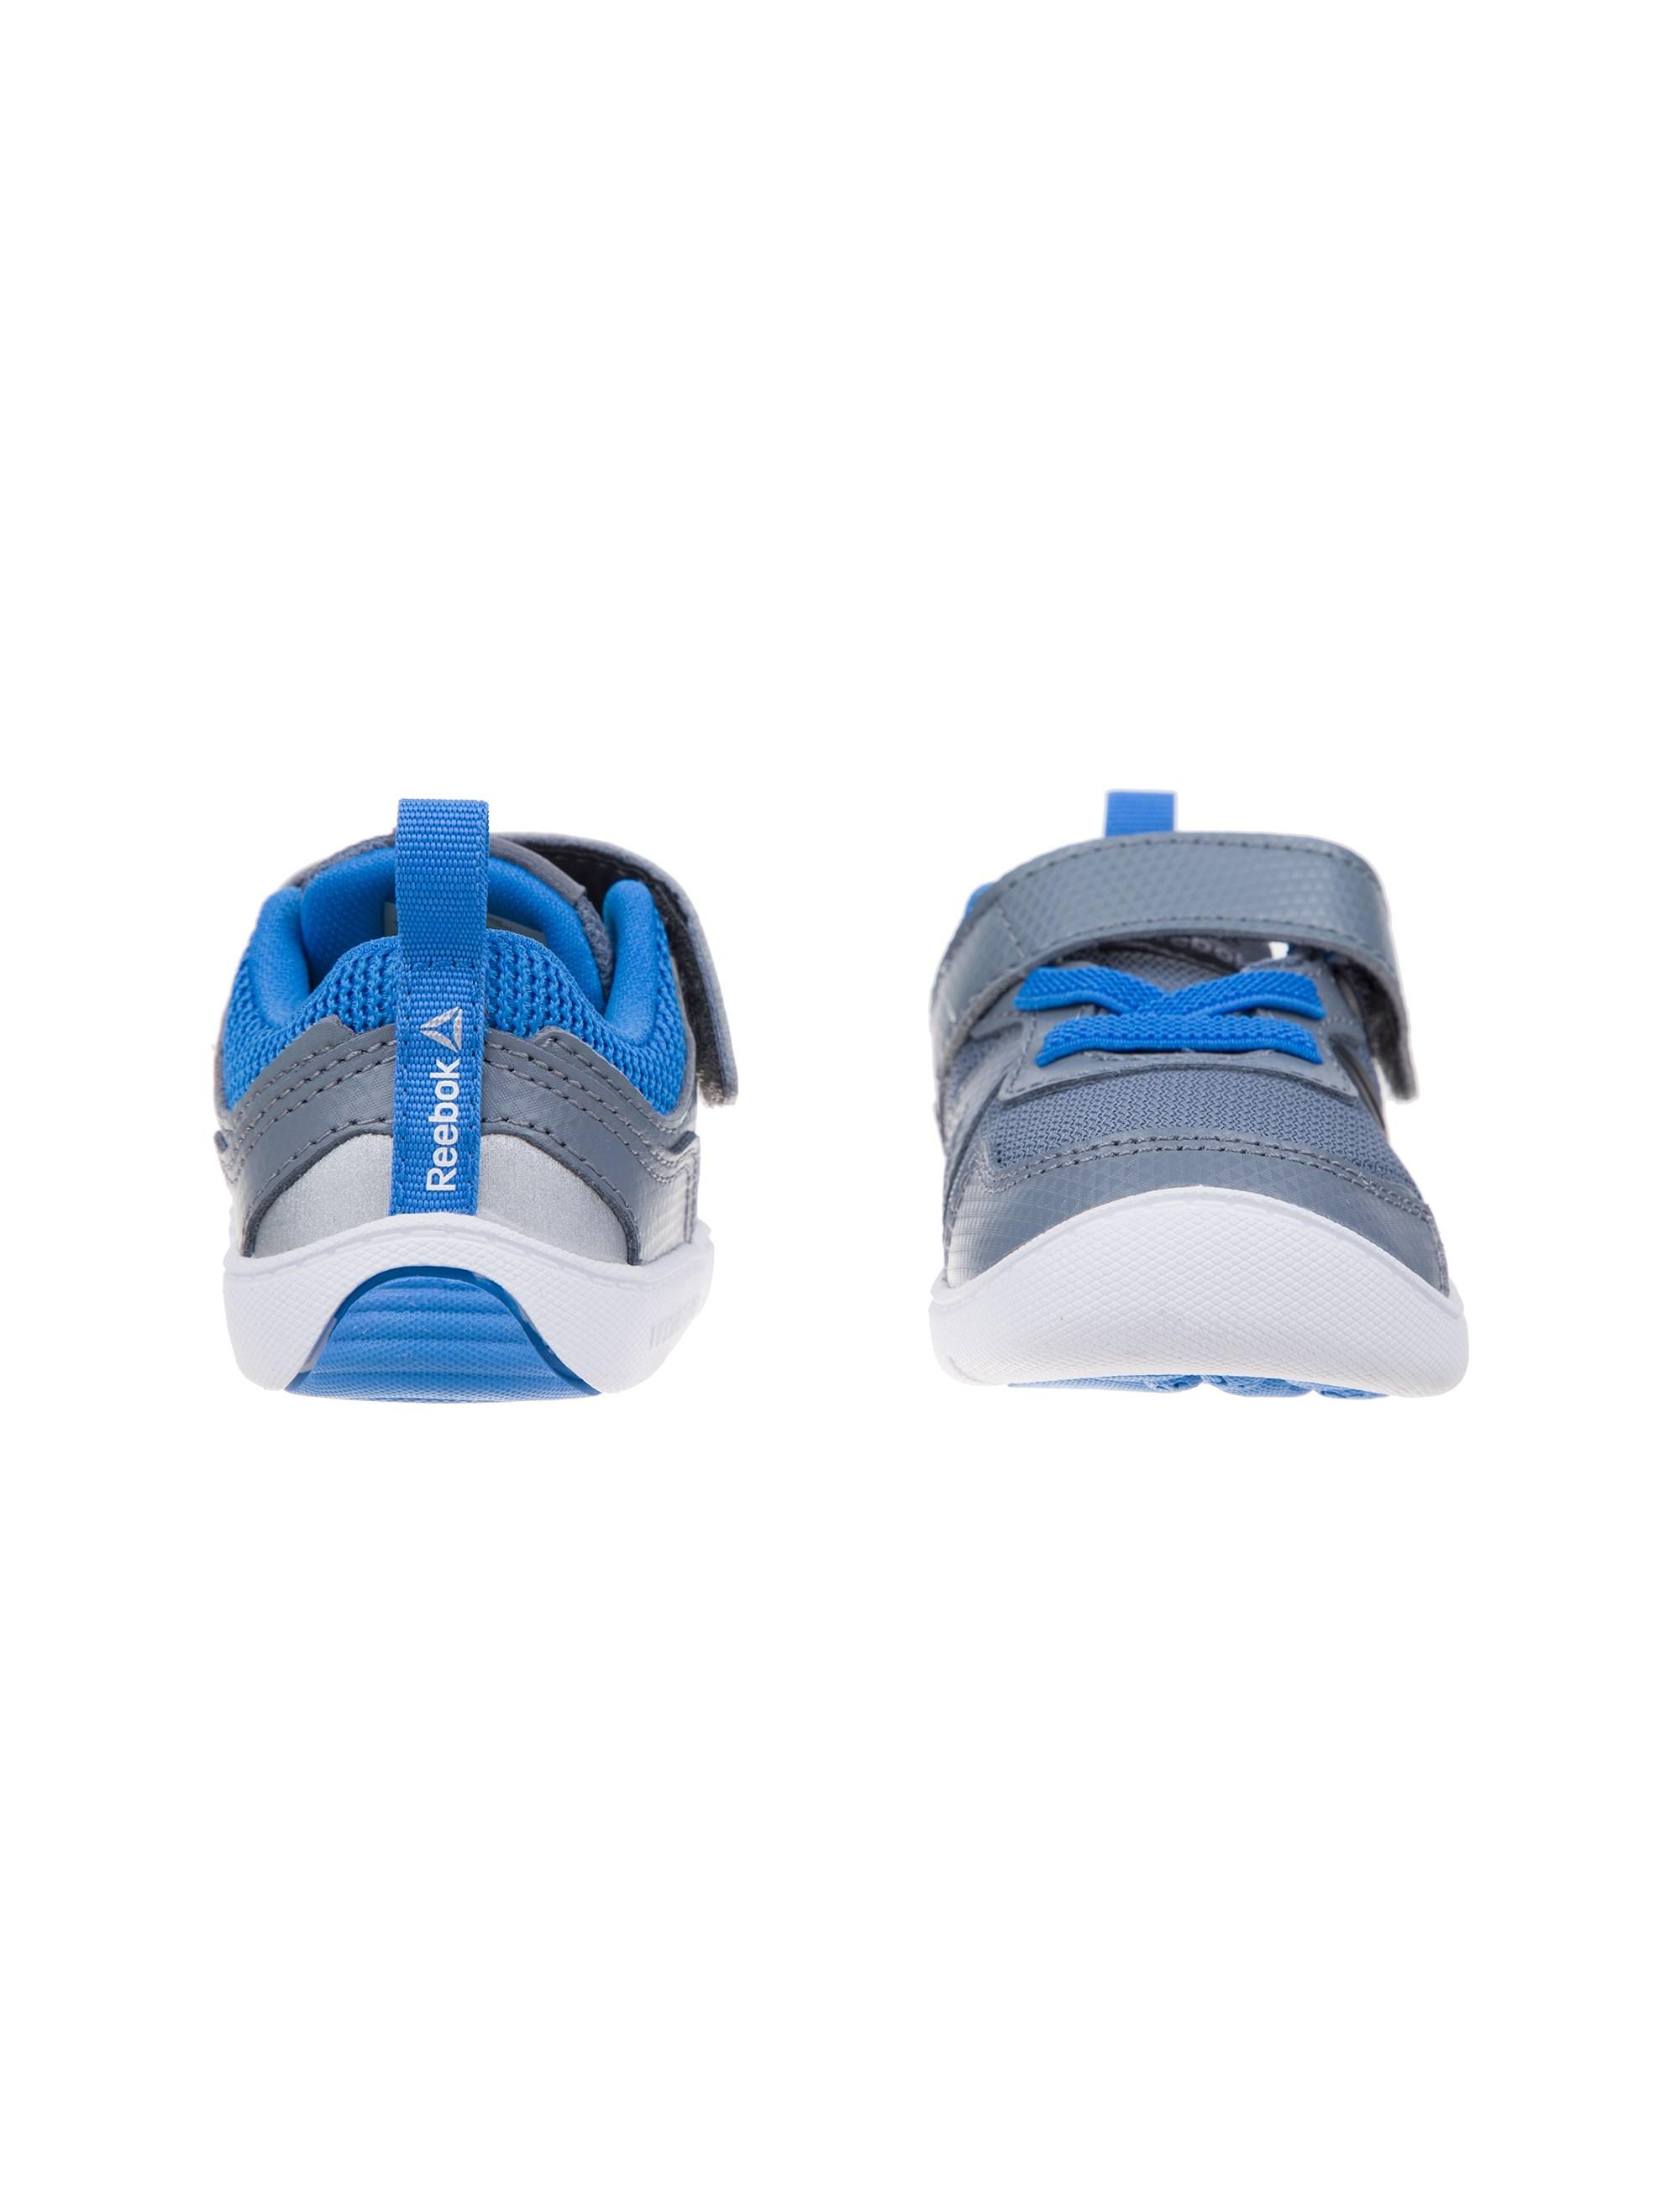 کفش ورزشی بندی پسرانه STRIDE -  - 5